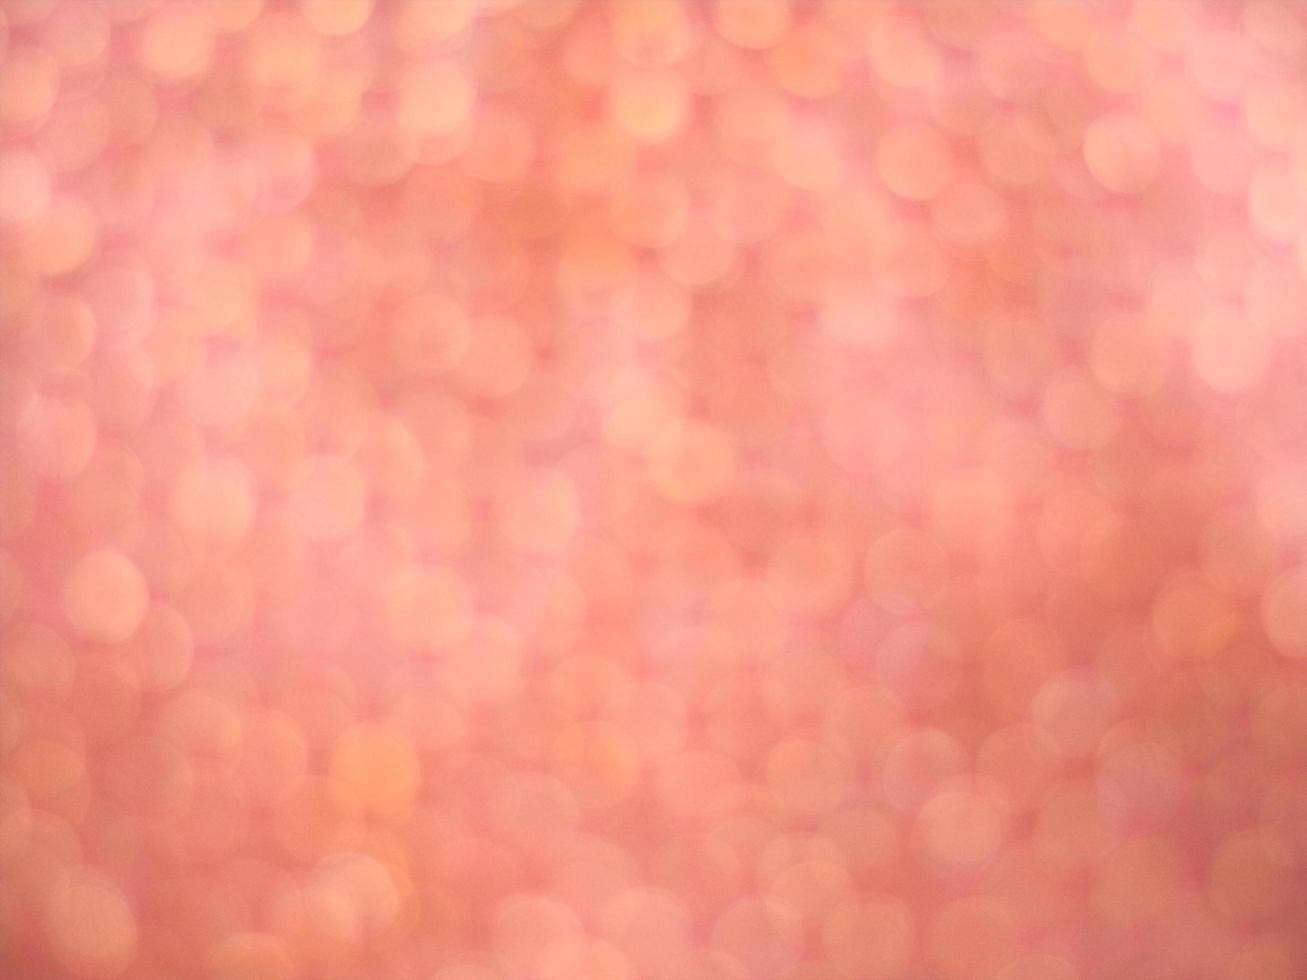 fundo abstrato rosa foto